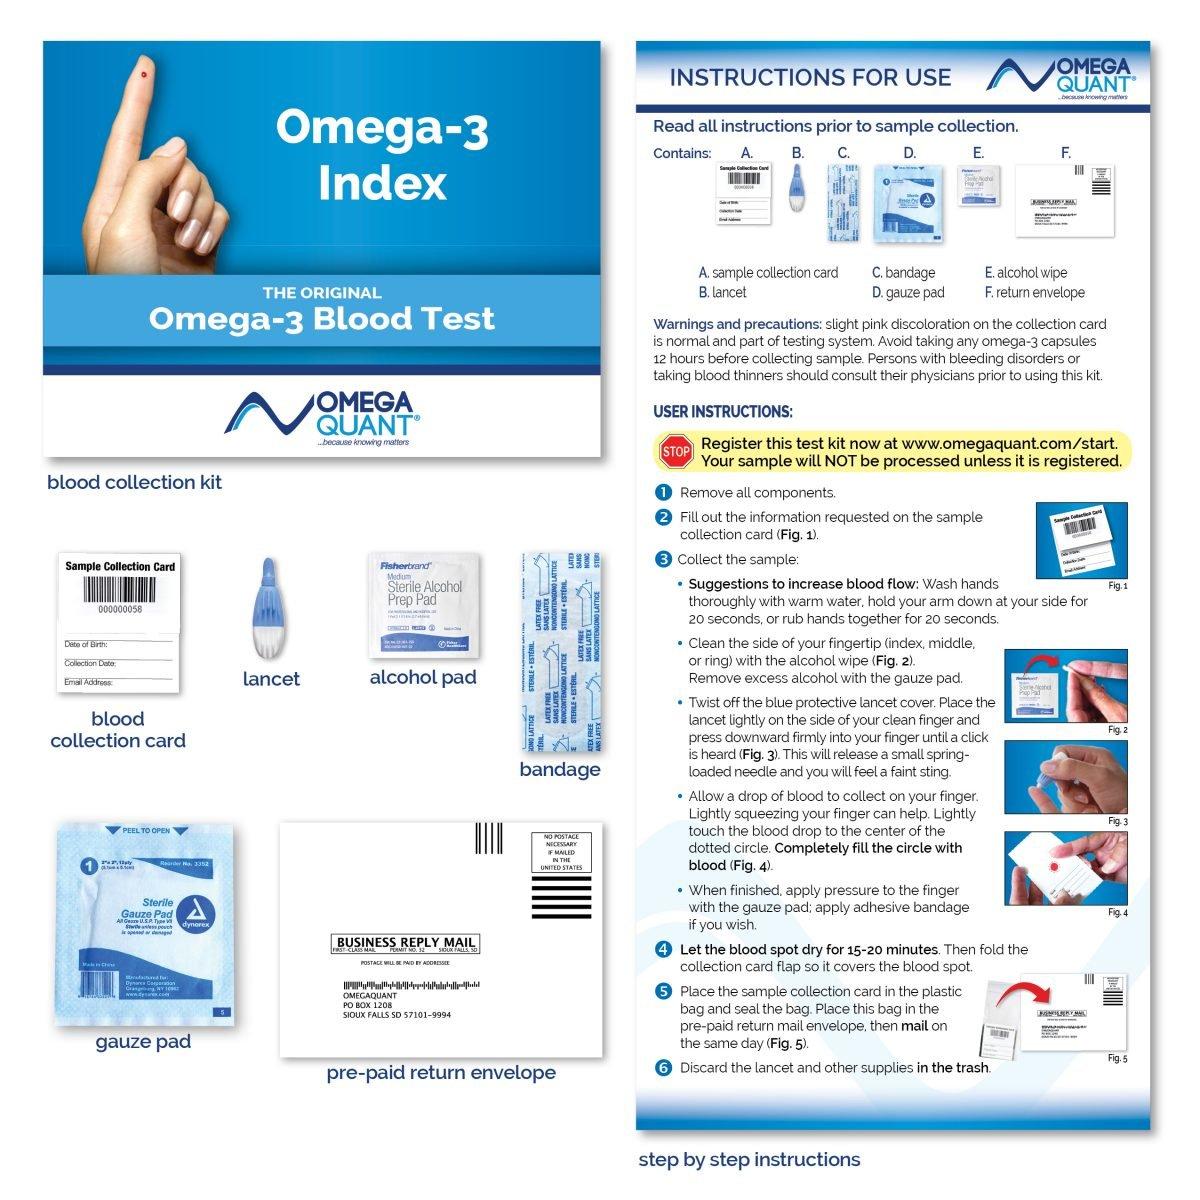 Omega-3 Index Basic   OmegaQuant